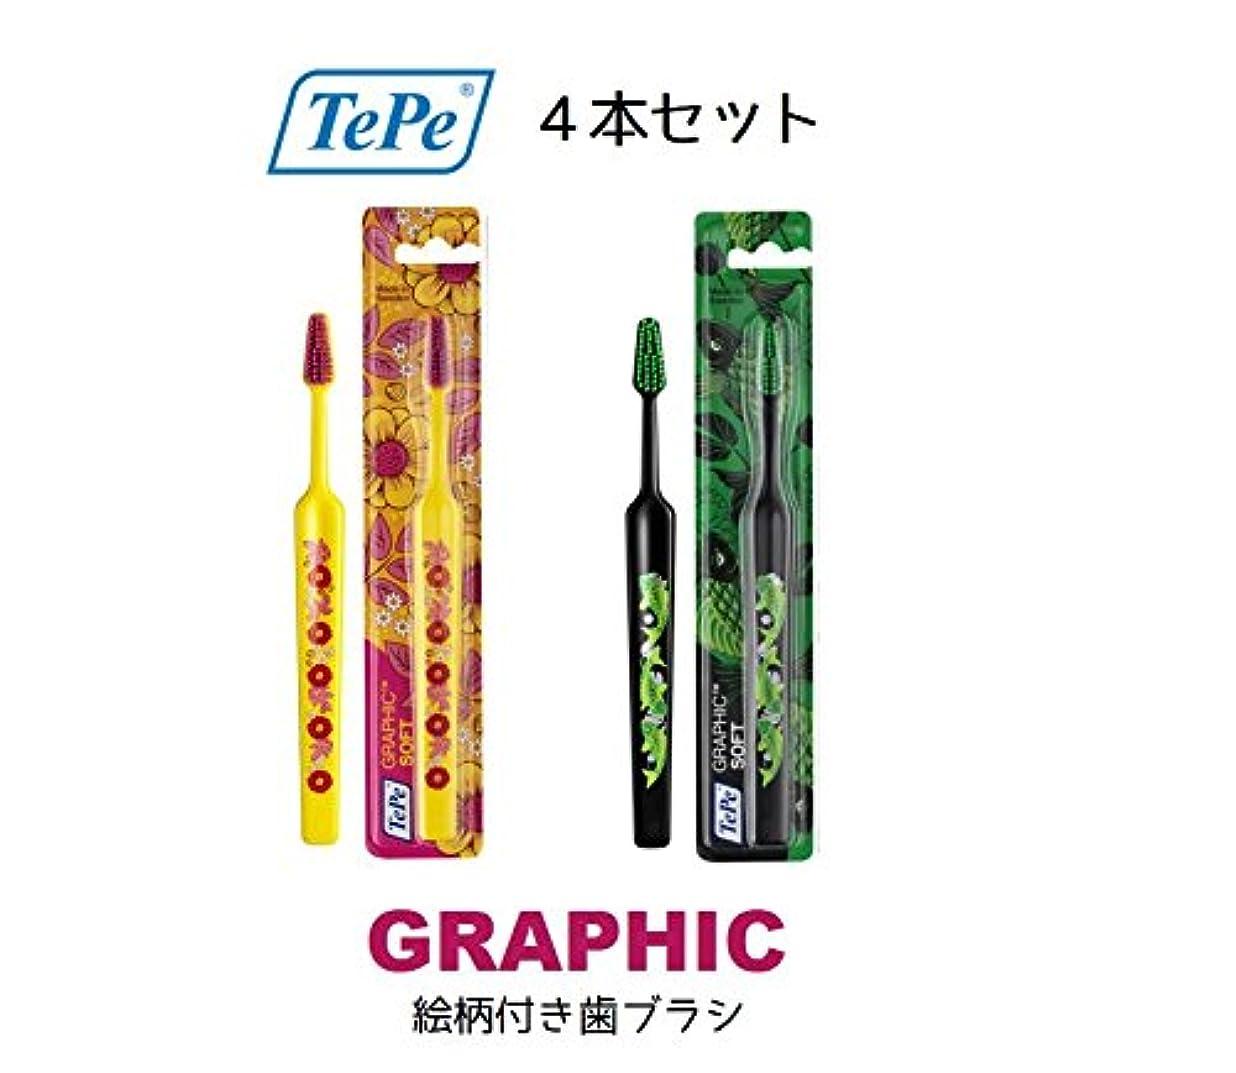 スーツスーツ伝記テペ グラフィック ソフト 4本セット TePe Graphic soft (イエロー?ピンクとブラックグリーンのミックス)